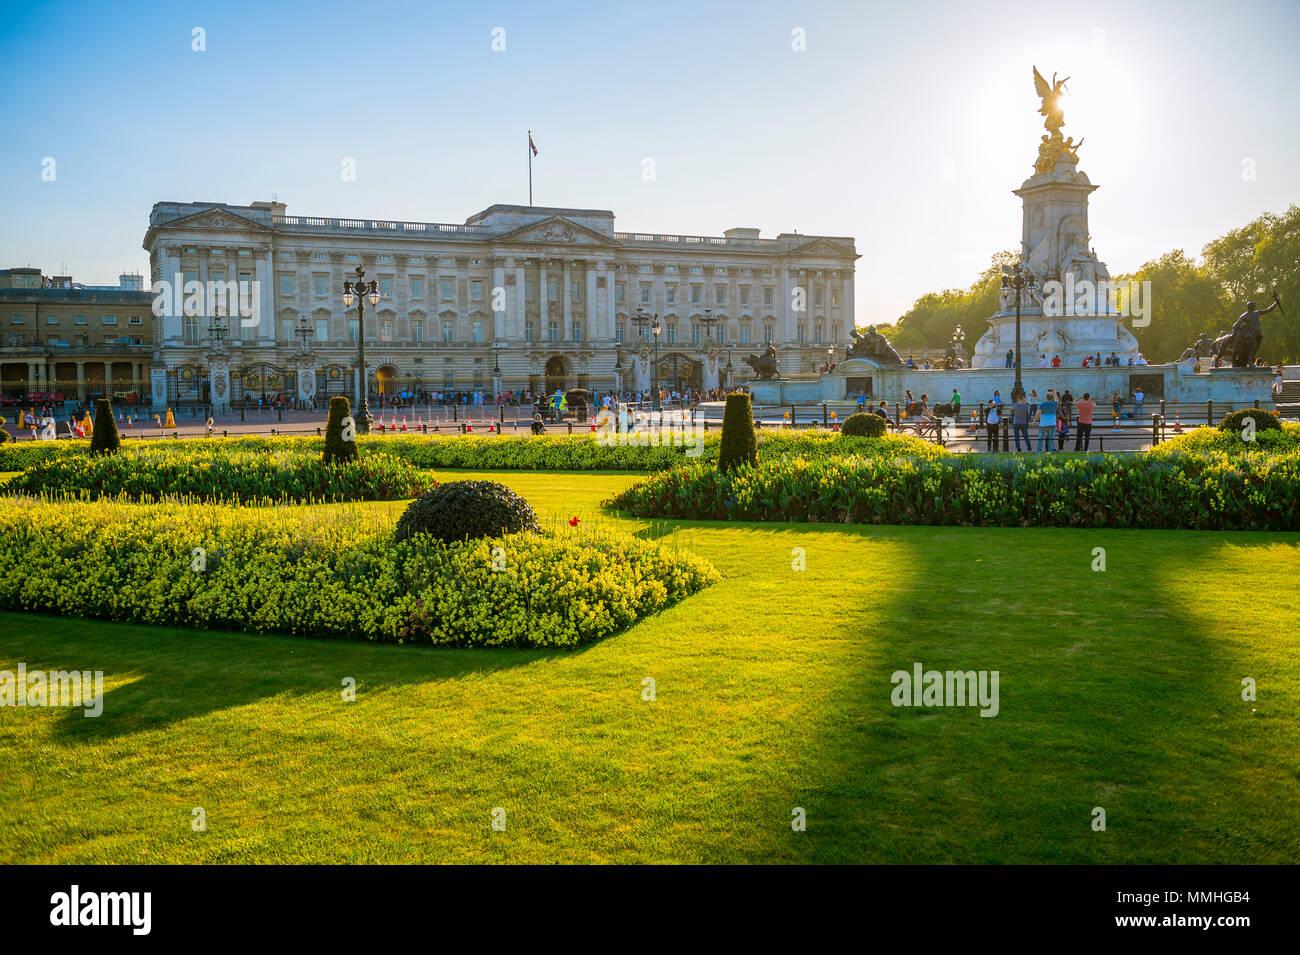 Londres - Mayo 7, 2018: Vista a través de parterres en frente del Palacio de Buckingham al atardecer. Imagen De Stock